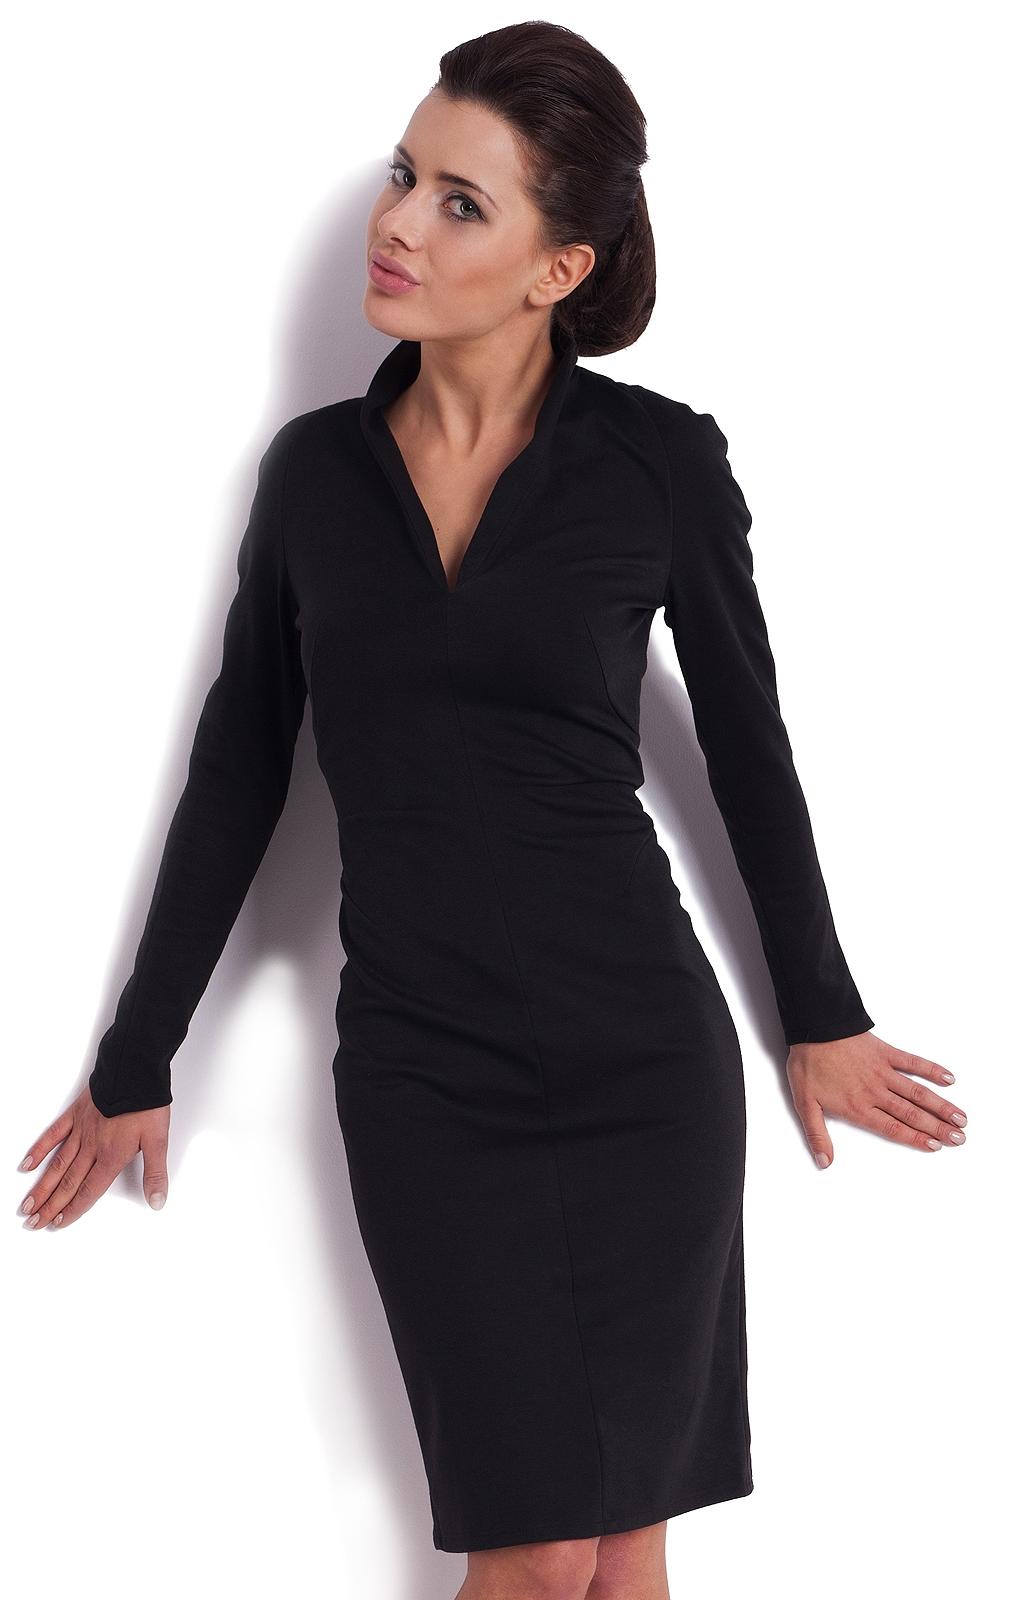 78ad214ac02 Voici une sélection de robe automne hiver pour vous     . Robe noire fluide  manches longues